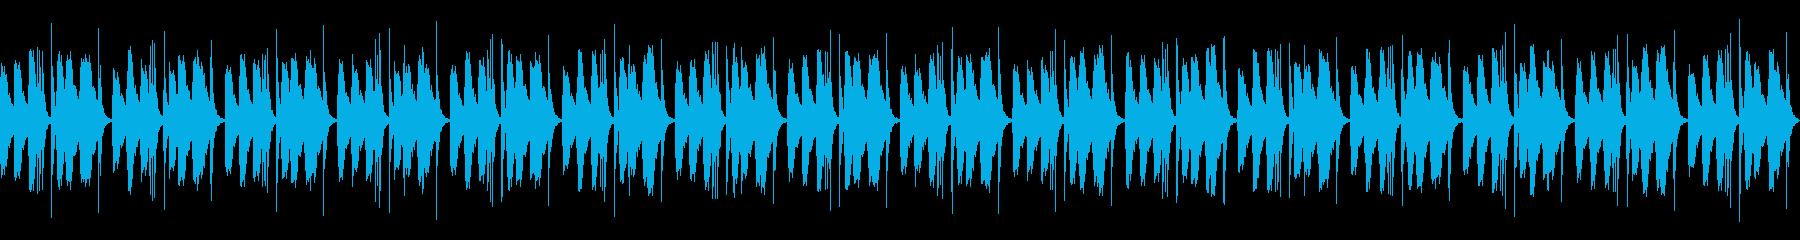 [和太鼓二重奏]盆踊りの大太鼓01の再生済みの波形